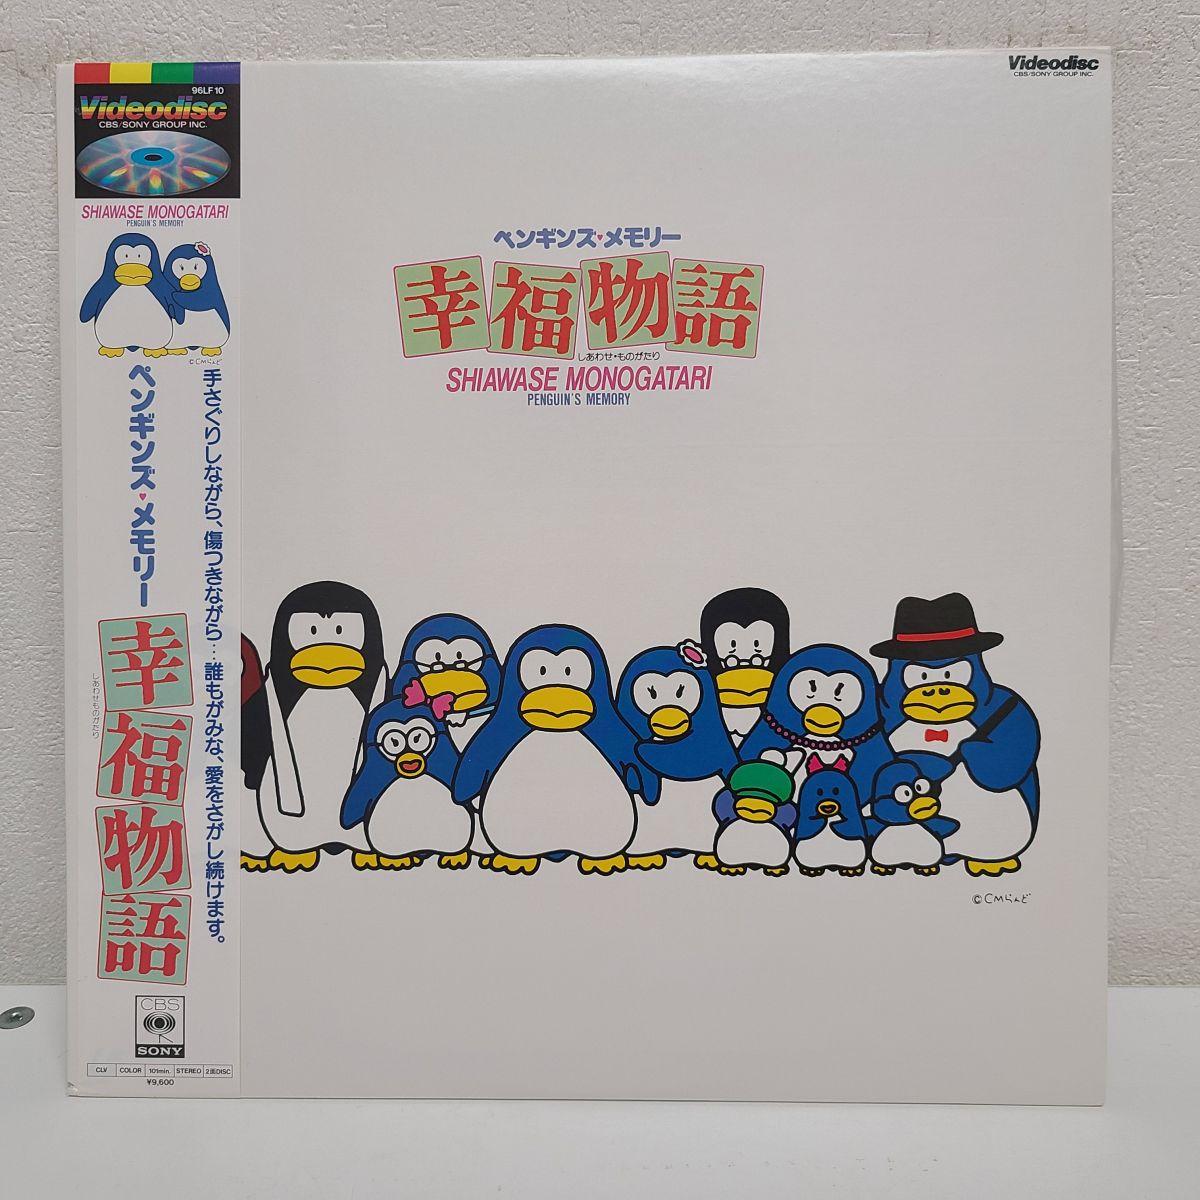 【映画LD買取り情報】ペンギンズメモリー・幸福物語 LDソフトの買取り実績